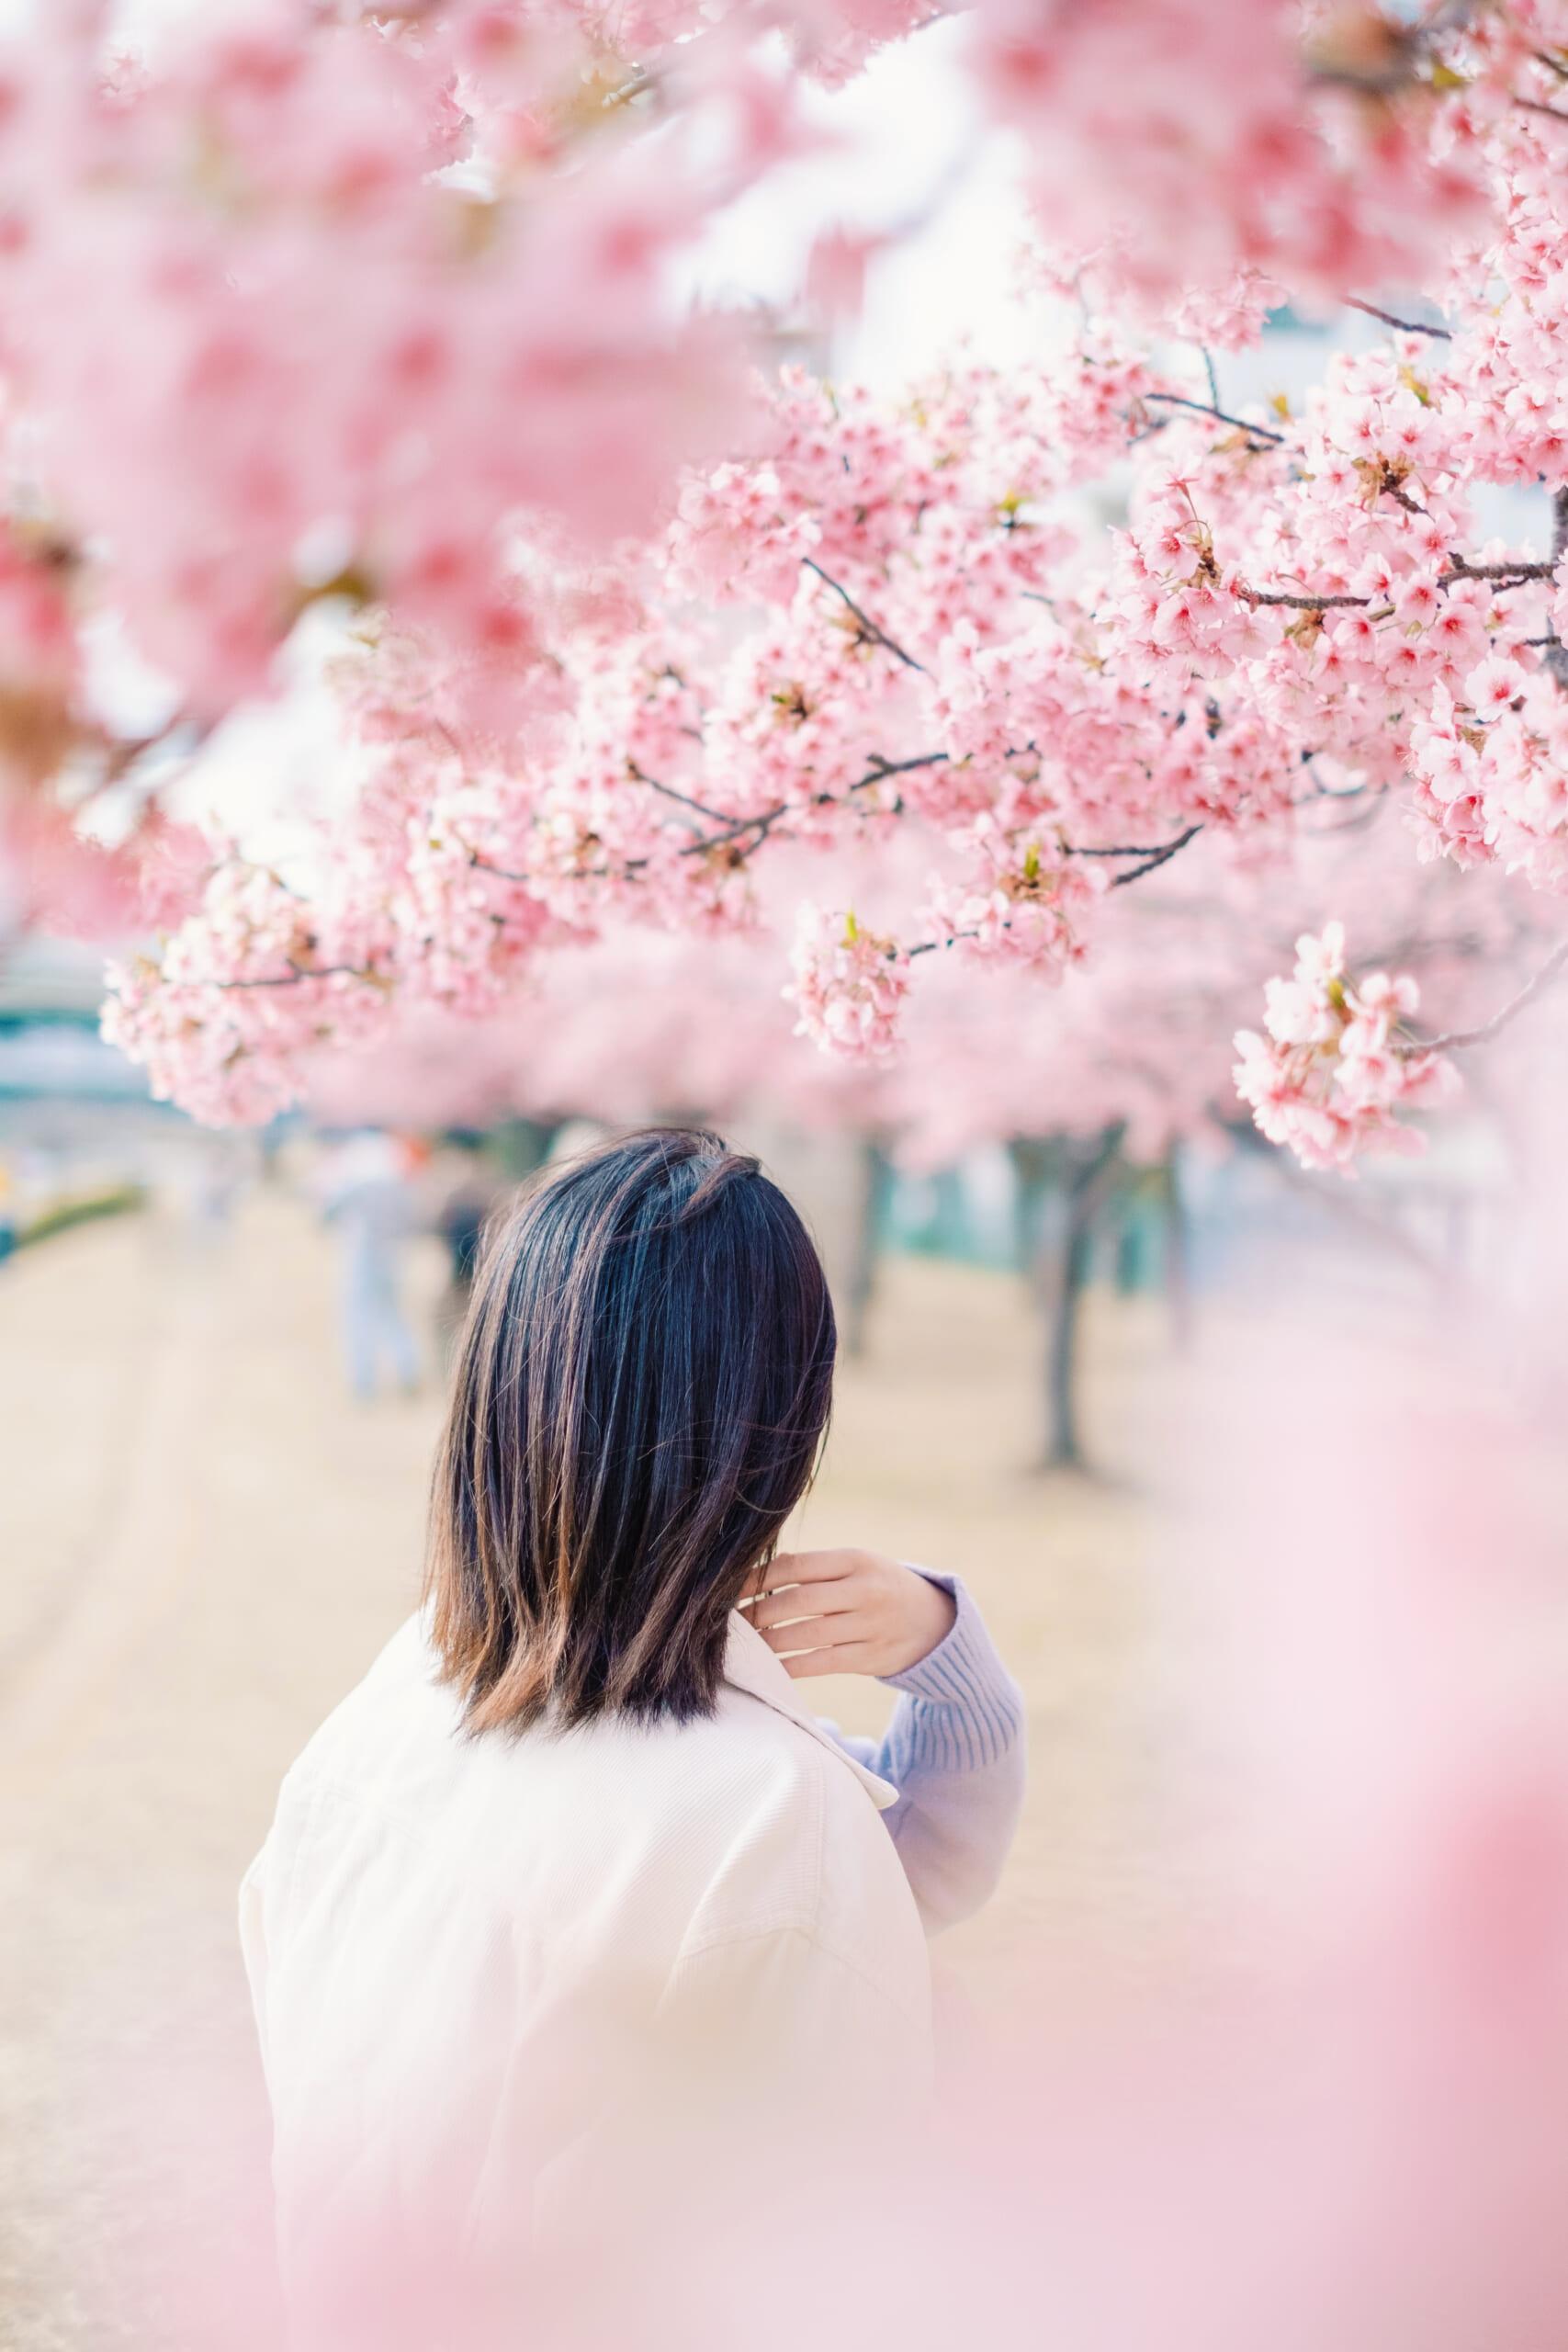 春に呼ばれた気がした。